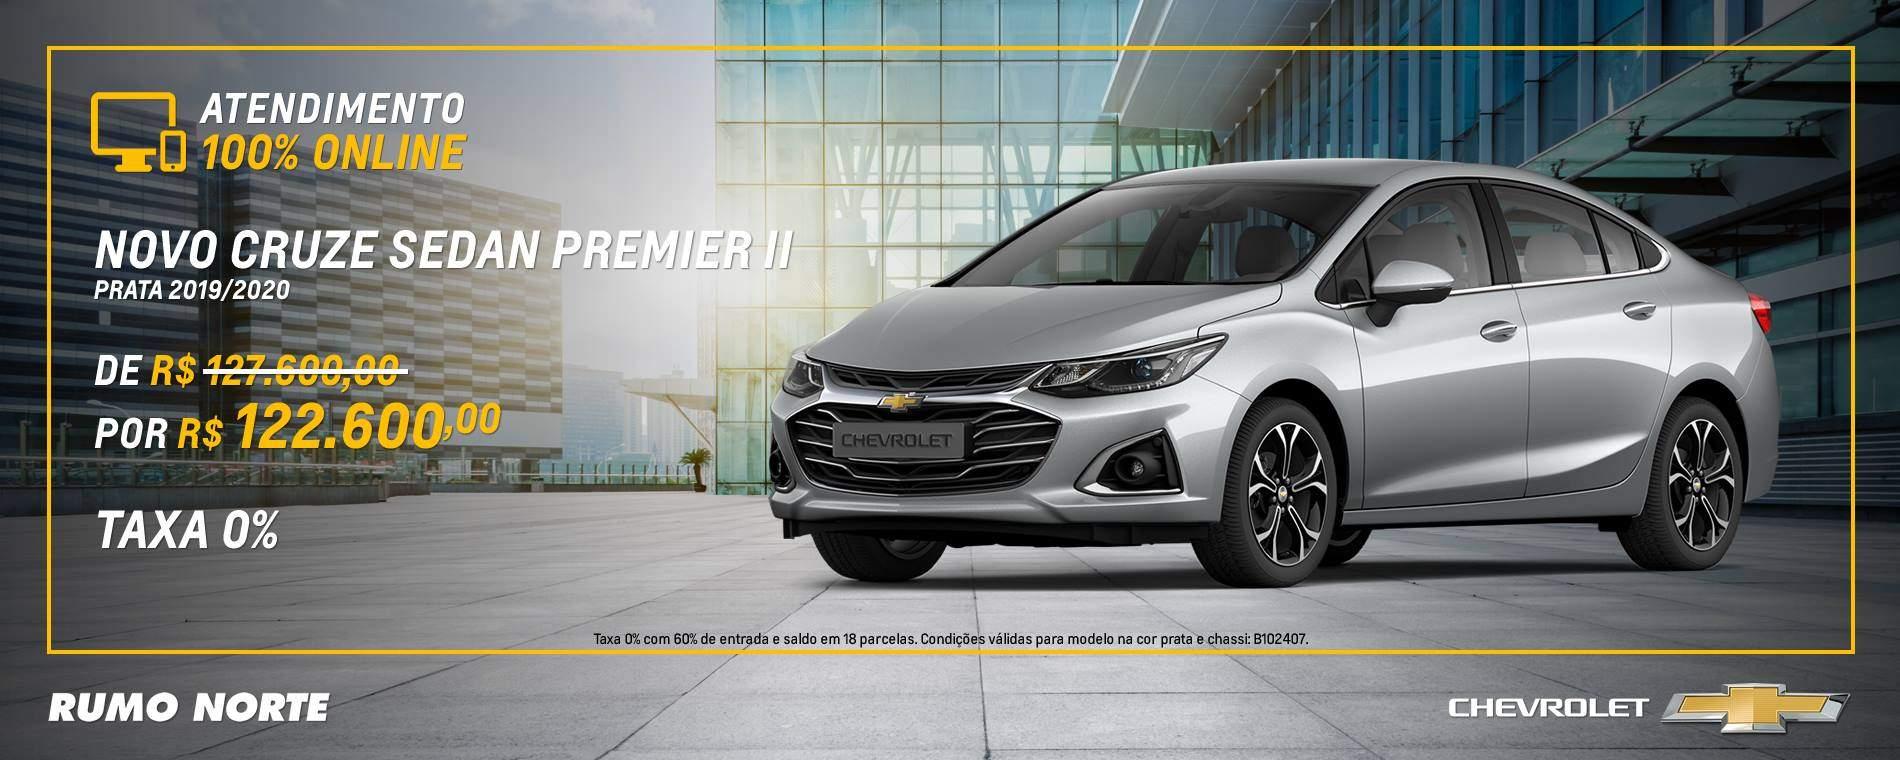 Novo Chevrolet Cruze Sedan Premier II